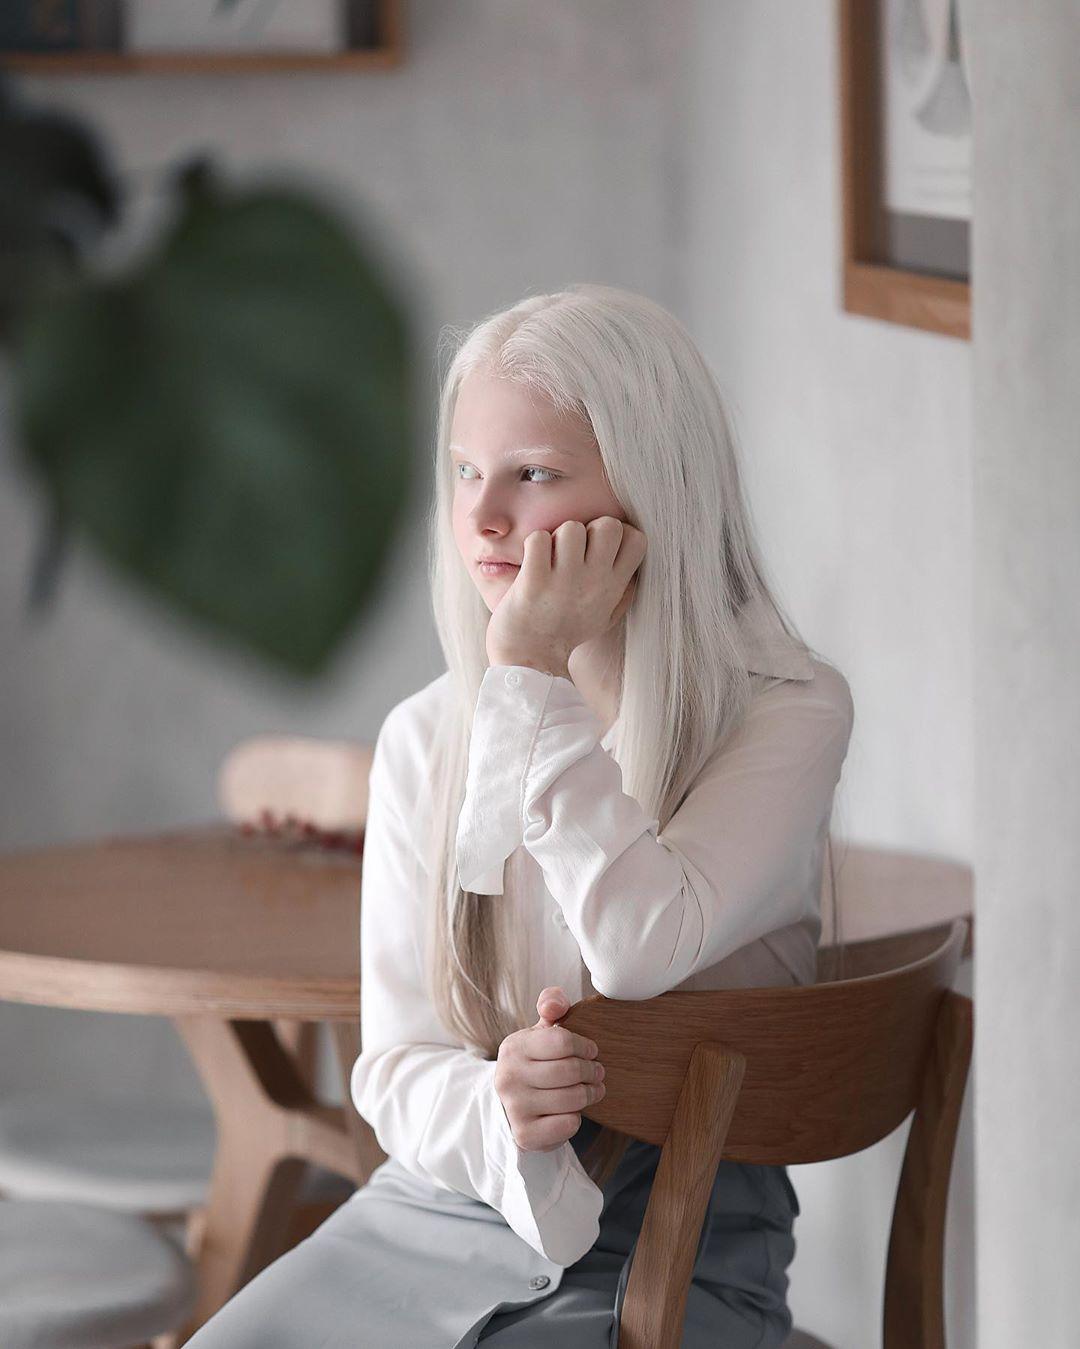 Garota chechena atordoa a Internet com sua beleza sobrenatural 04